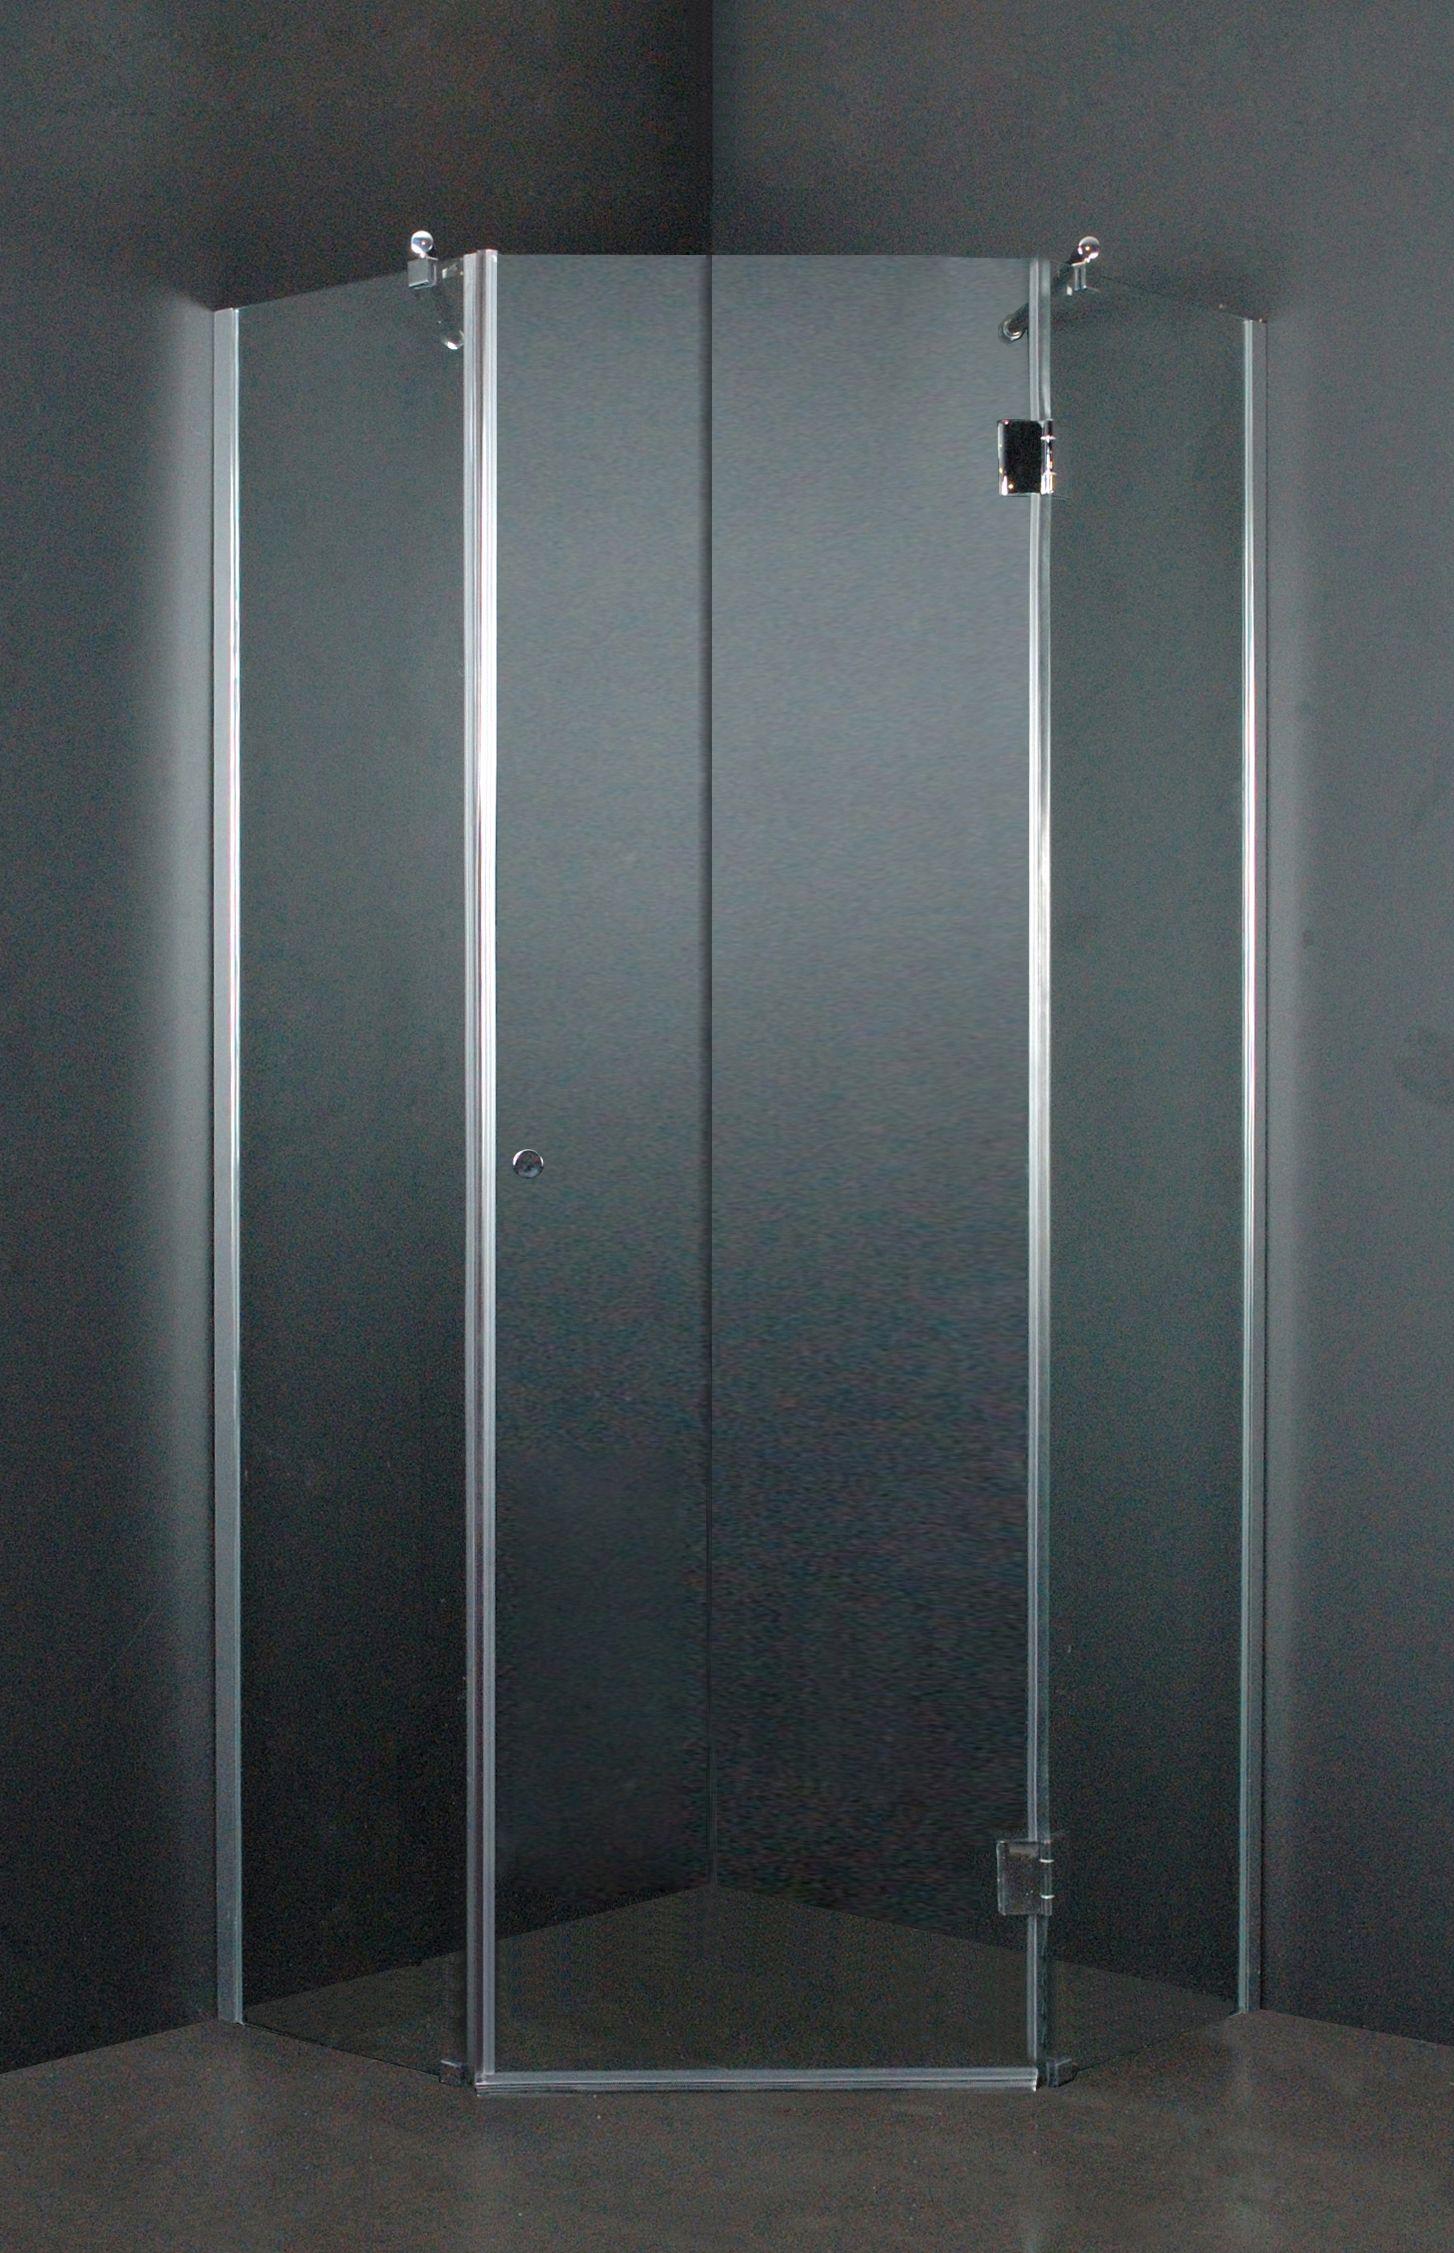 de douchecabine heeft een aluminium profiel verchroomde ronde